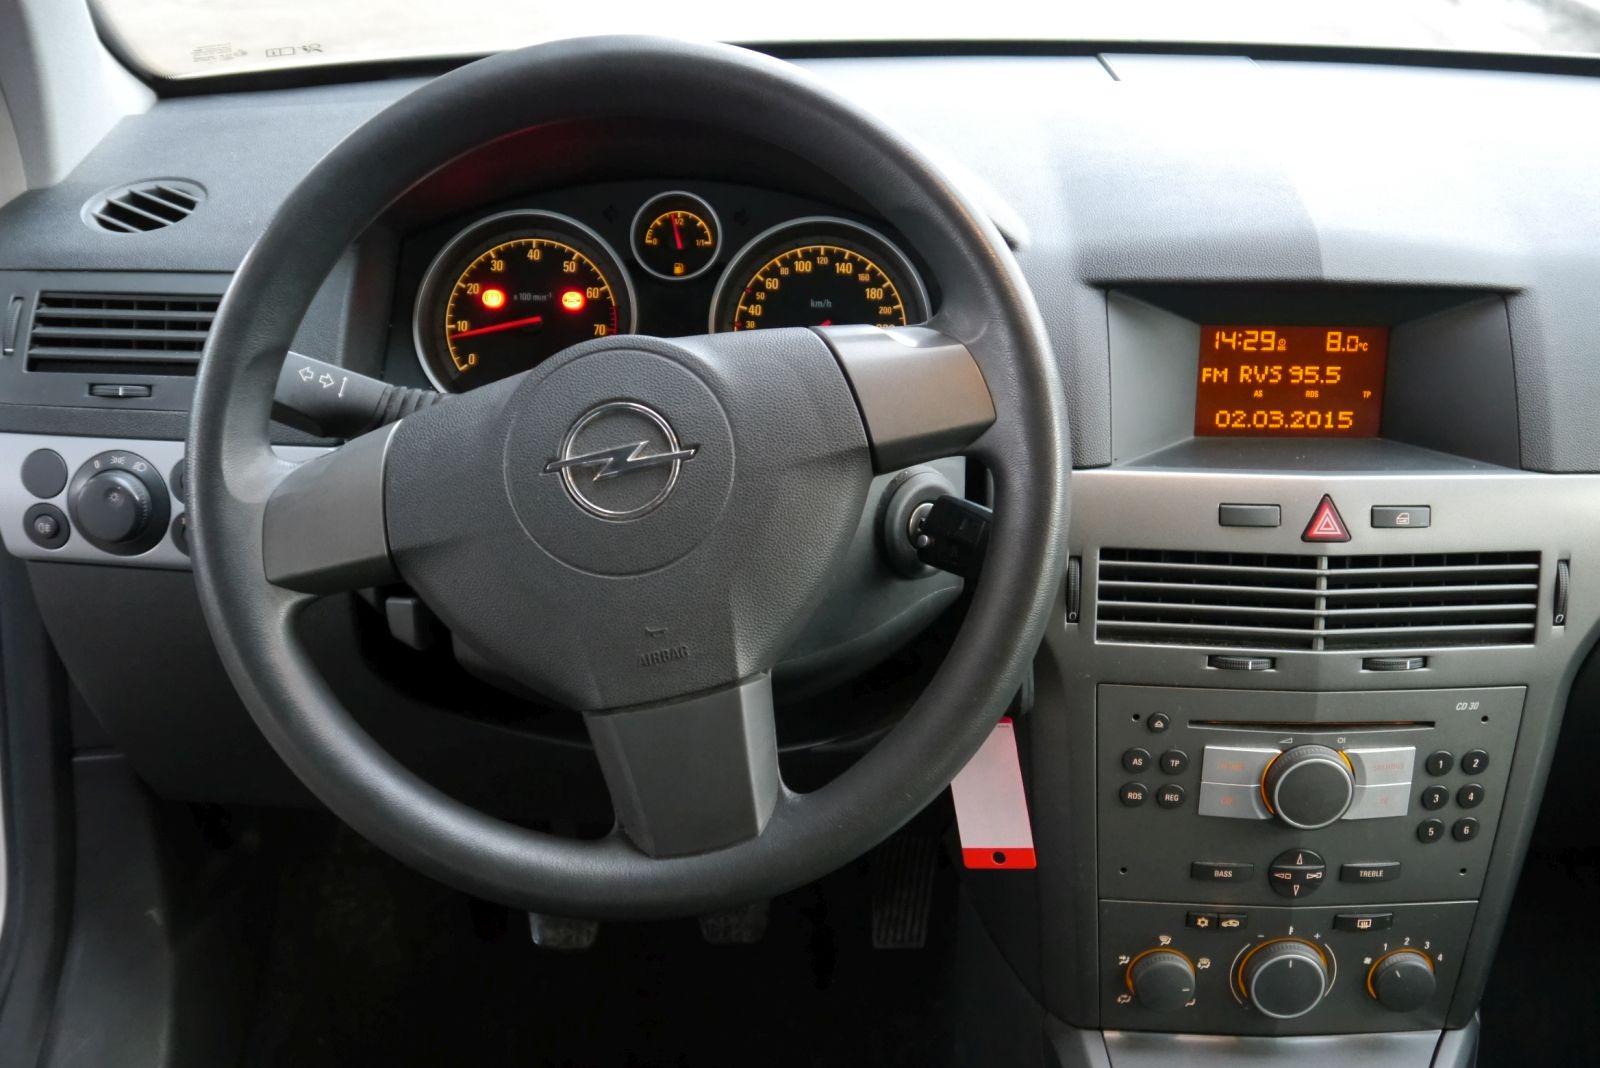 Stunning Interieur Opel Astra H Ideas - Huis & Interieur Ideeën ...